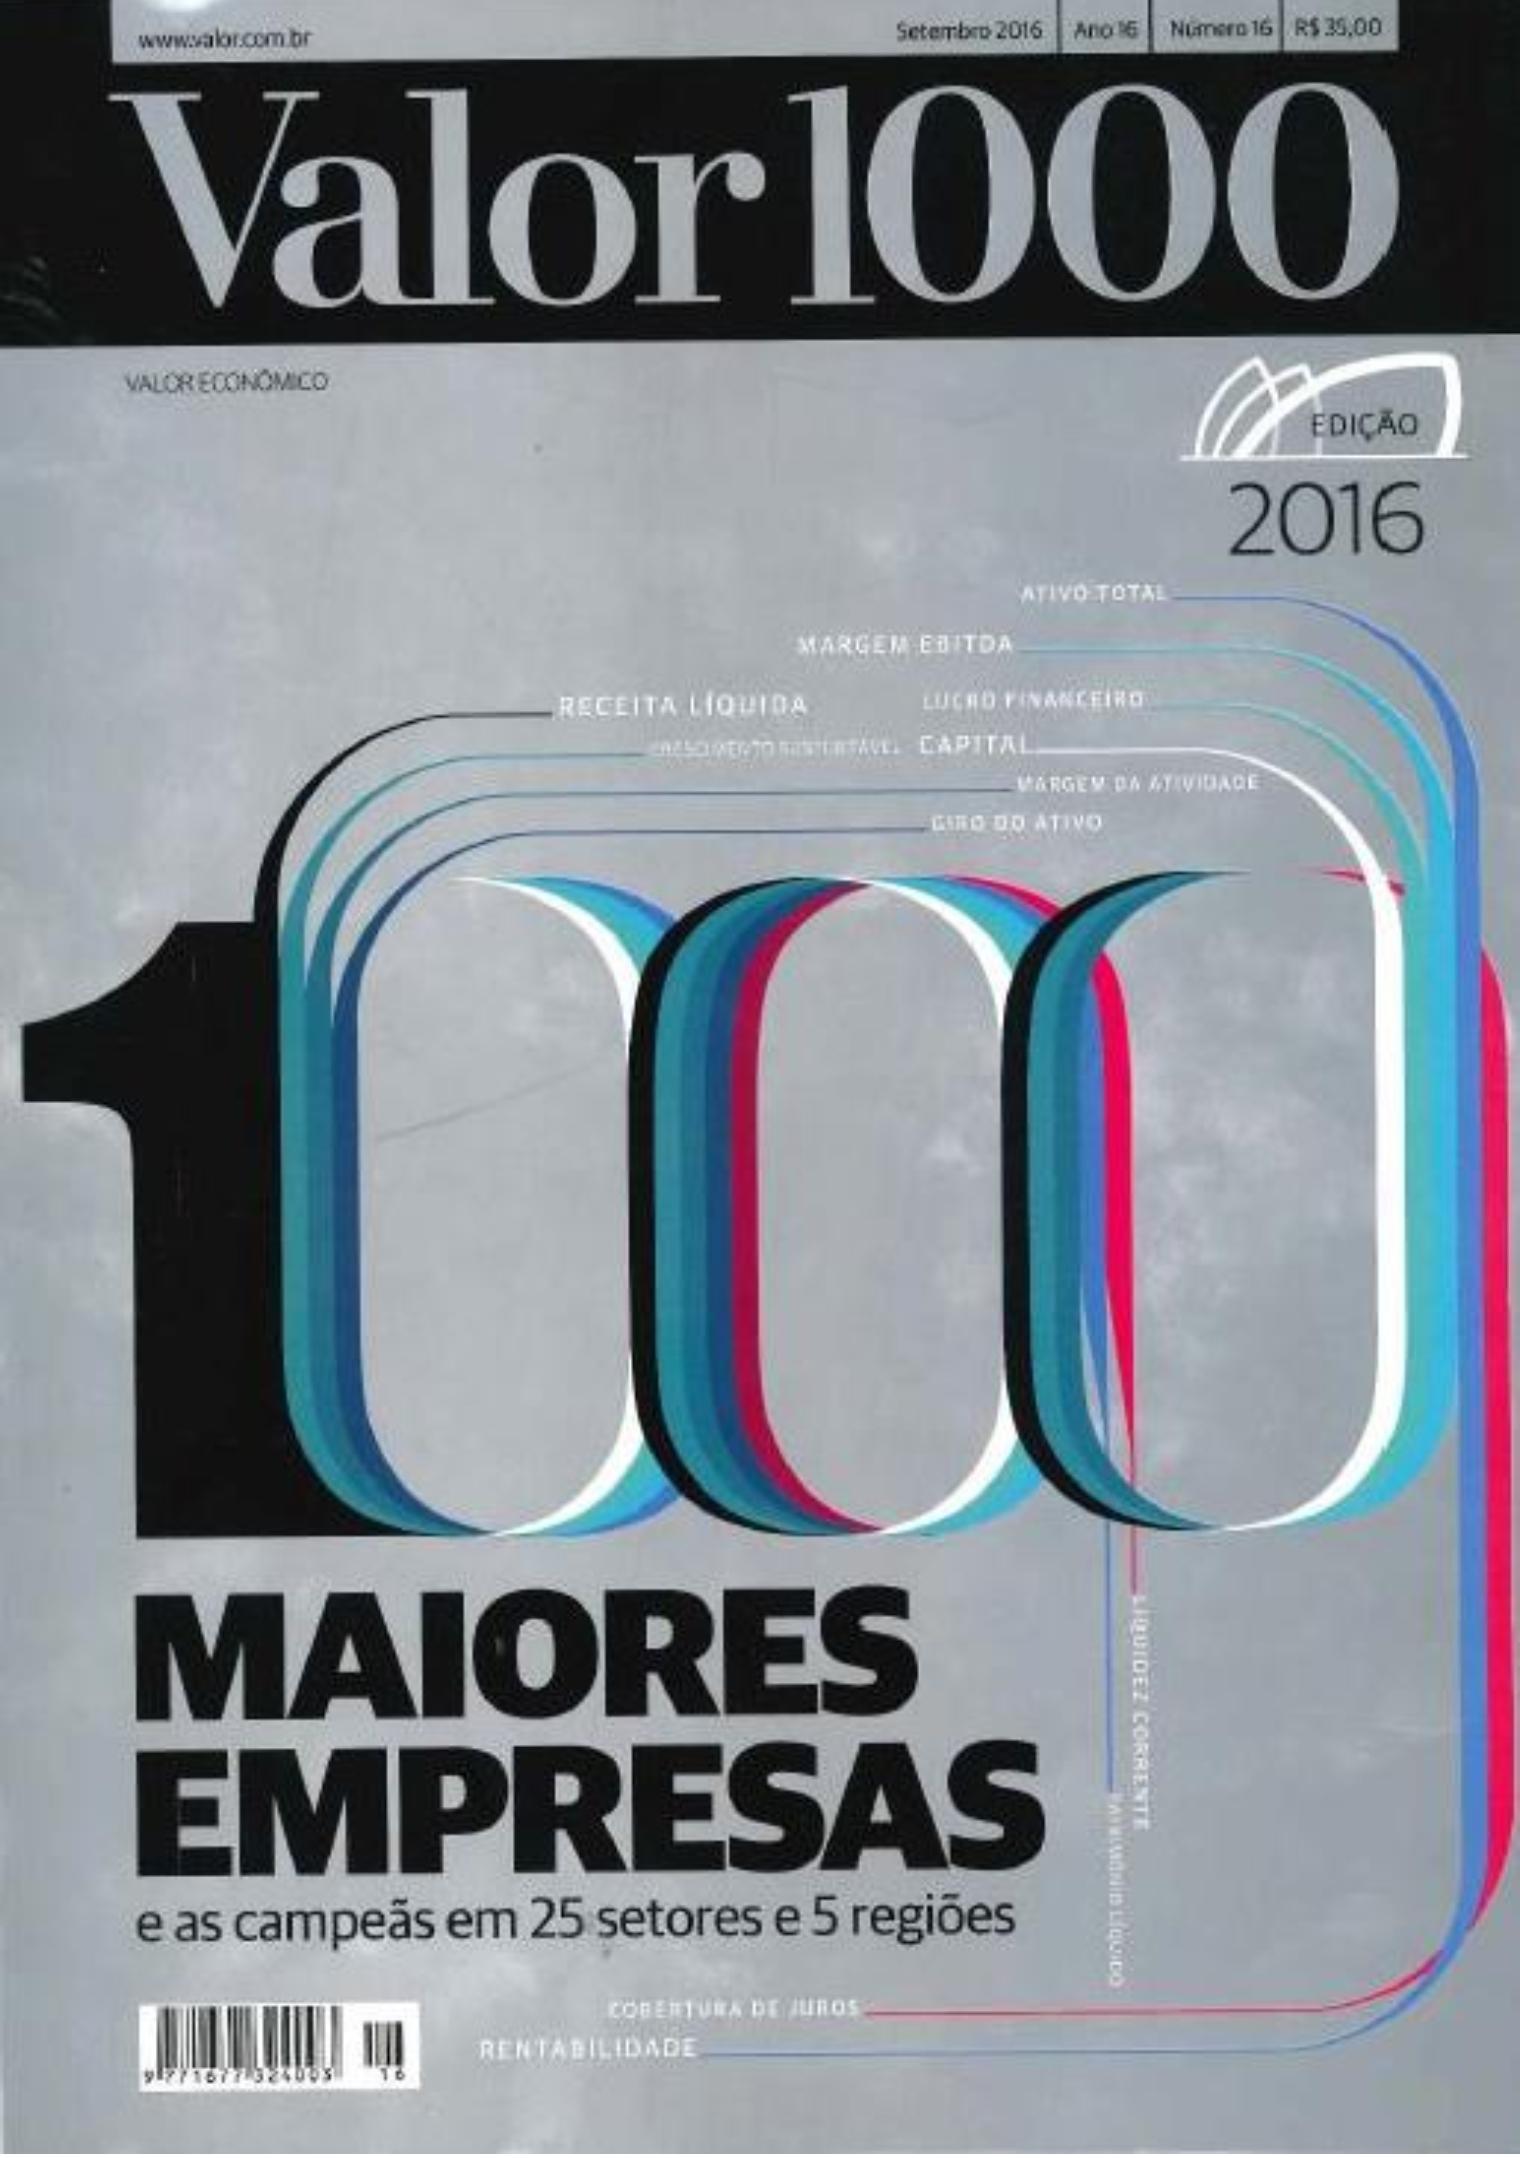 Valor1000_Maiores_empresas_2016_001